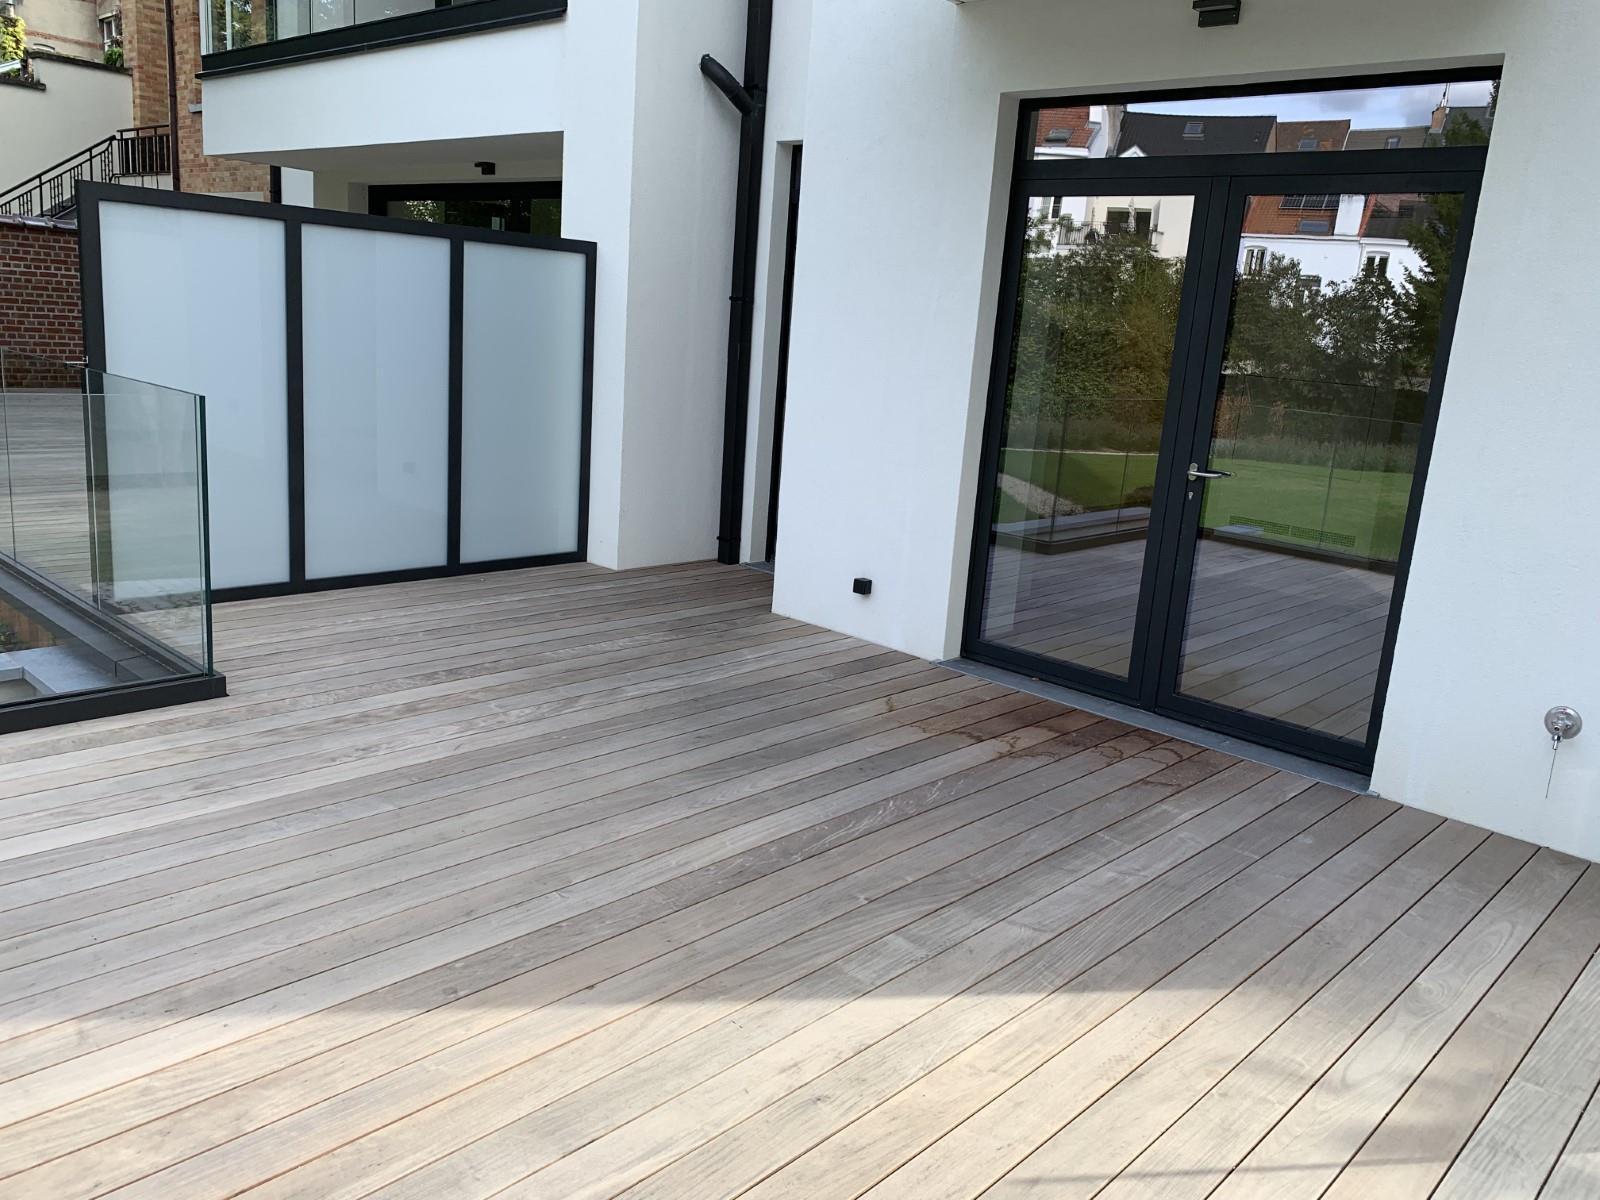 Appartement exceptionnel - Ixelles - #3915694-4